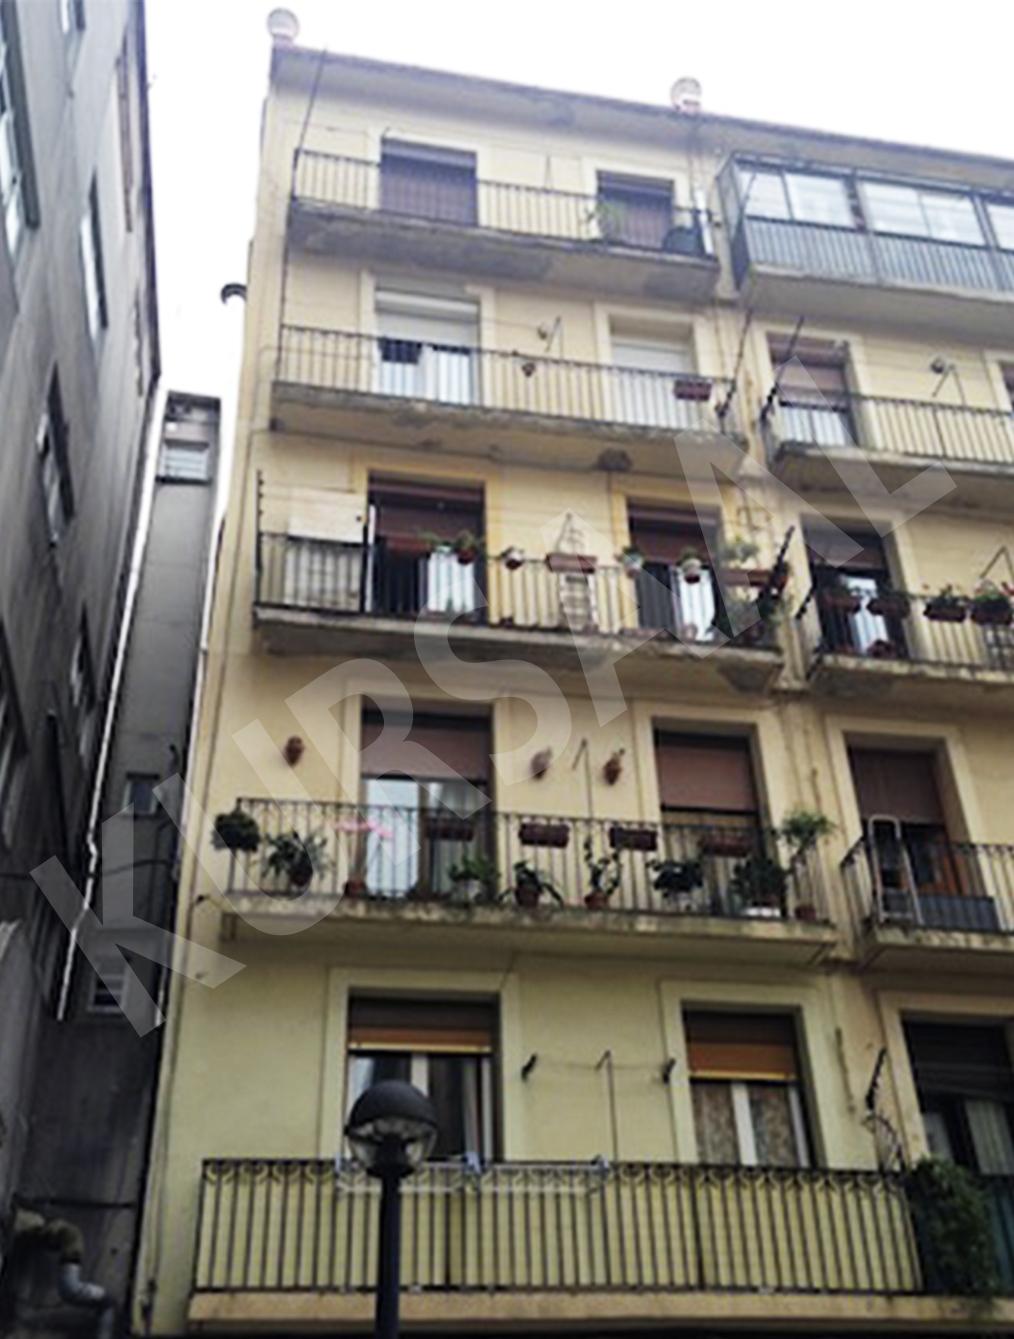 foto 9 - Aislamientos Térmicos y Eficiencia Energética-Euskadi Etorbidea, 51-PASAIA, GIPUZKOA